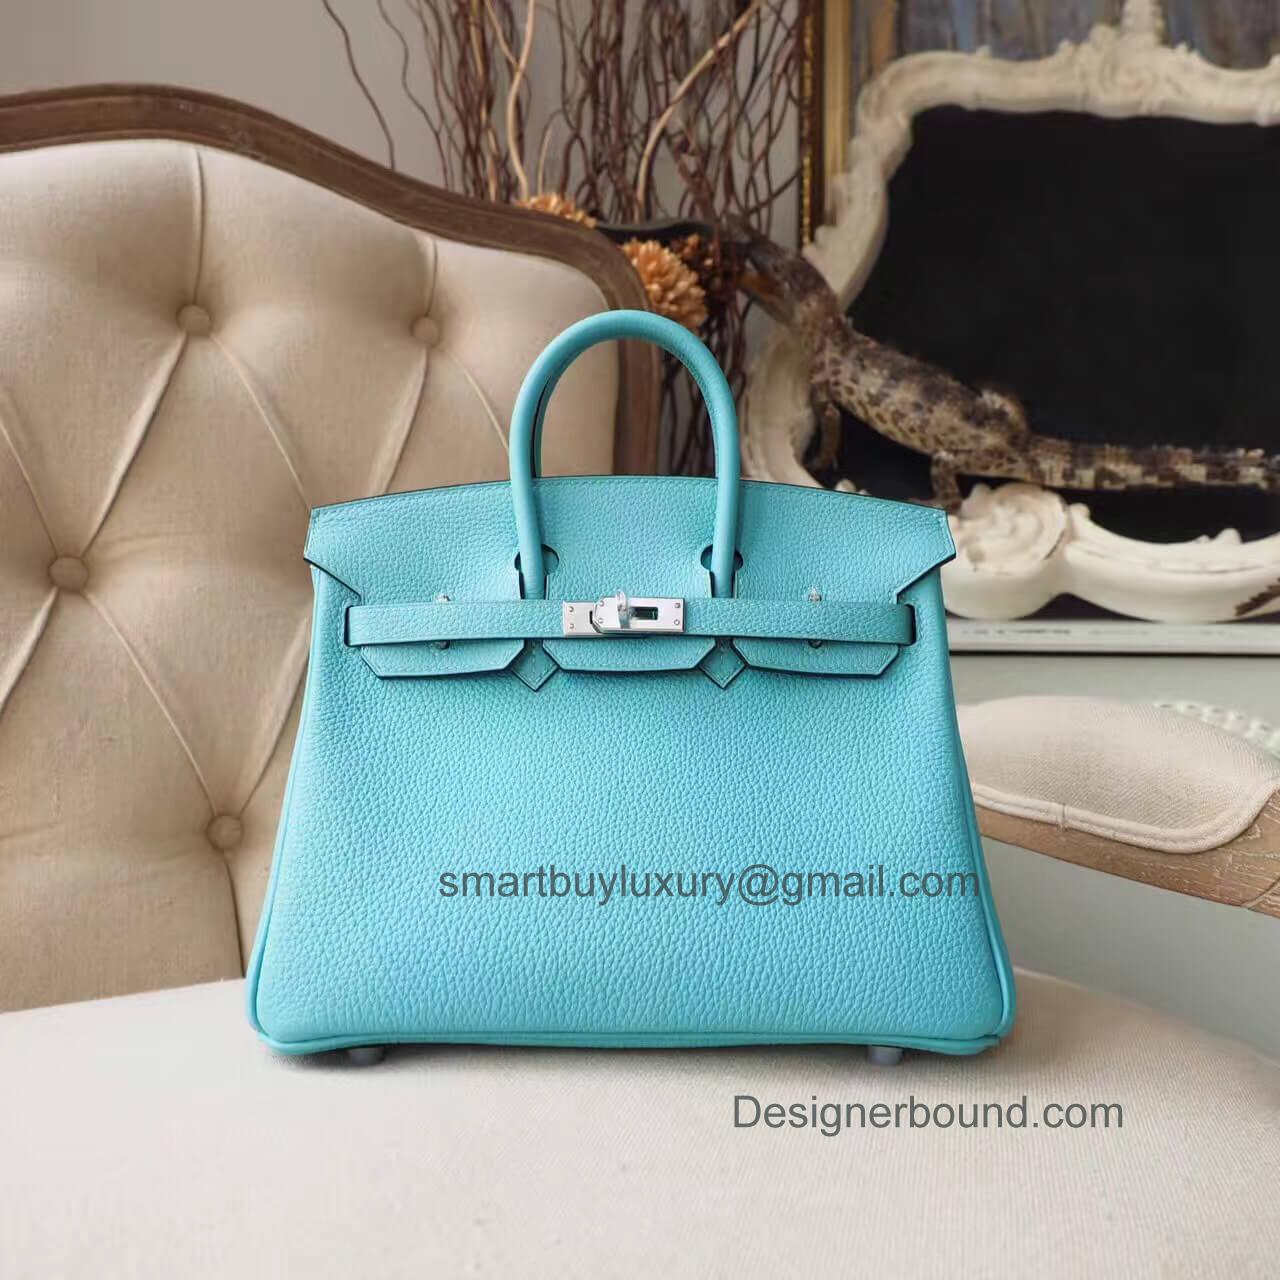 5837558bd5 Hermes Bags Replica - Birkin 25 - DesignerBound.com